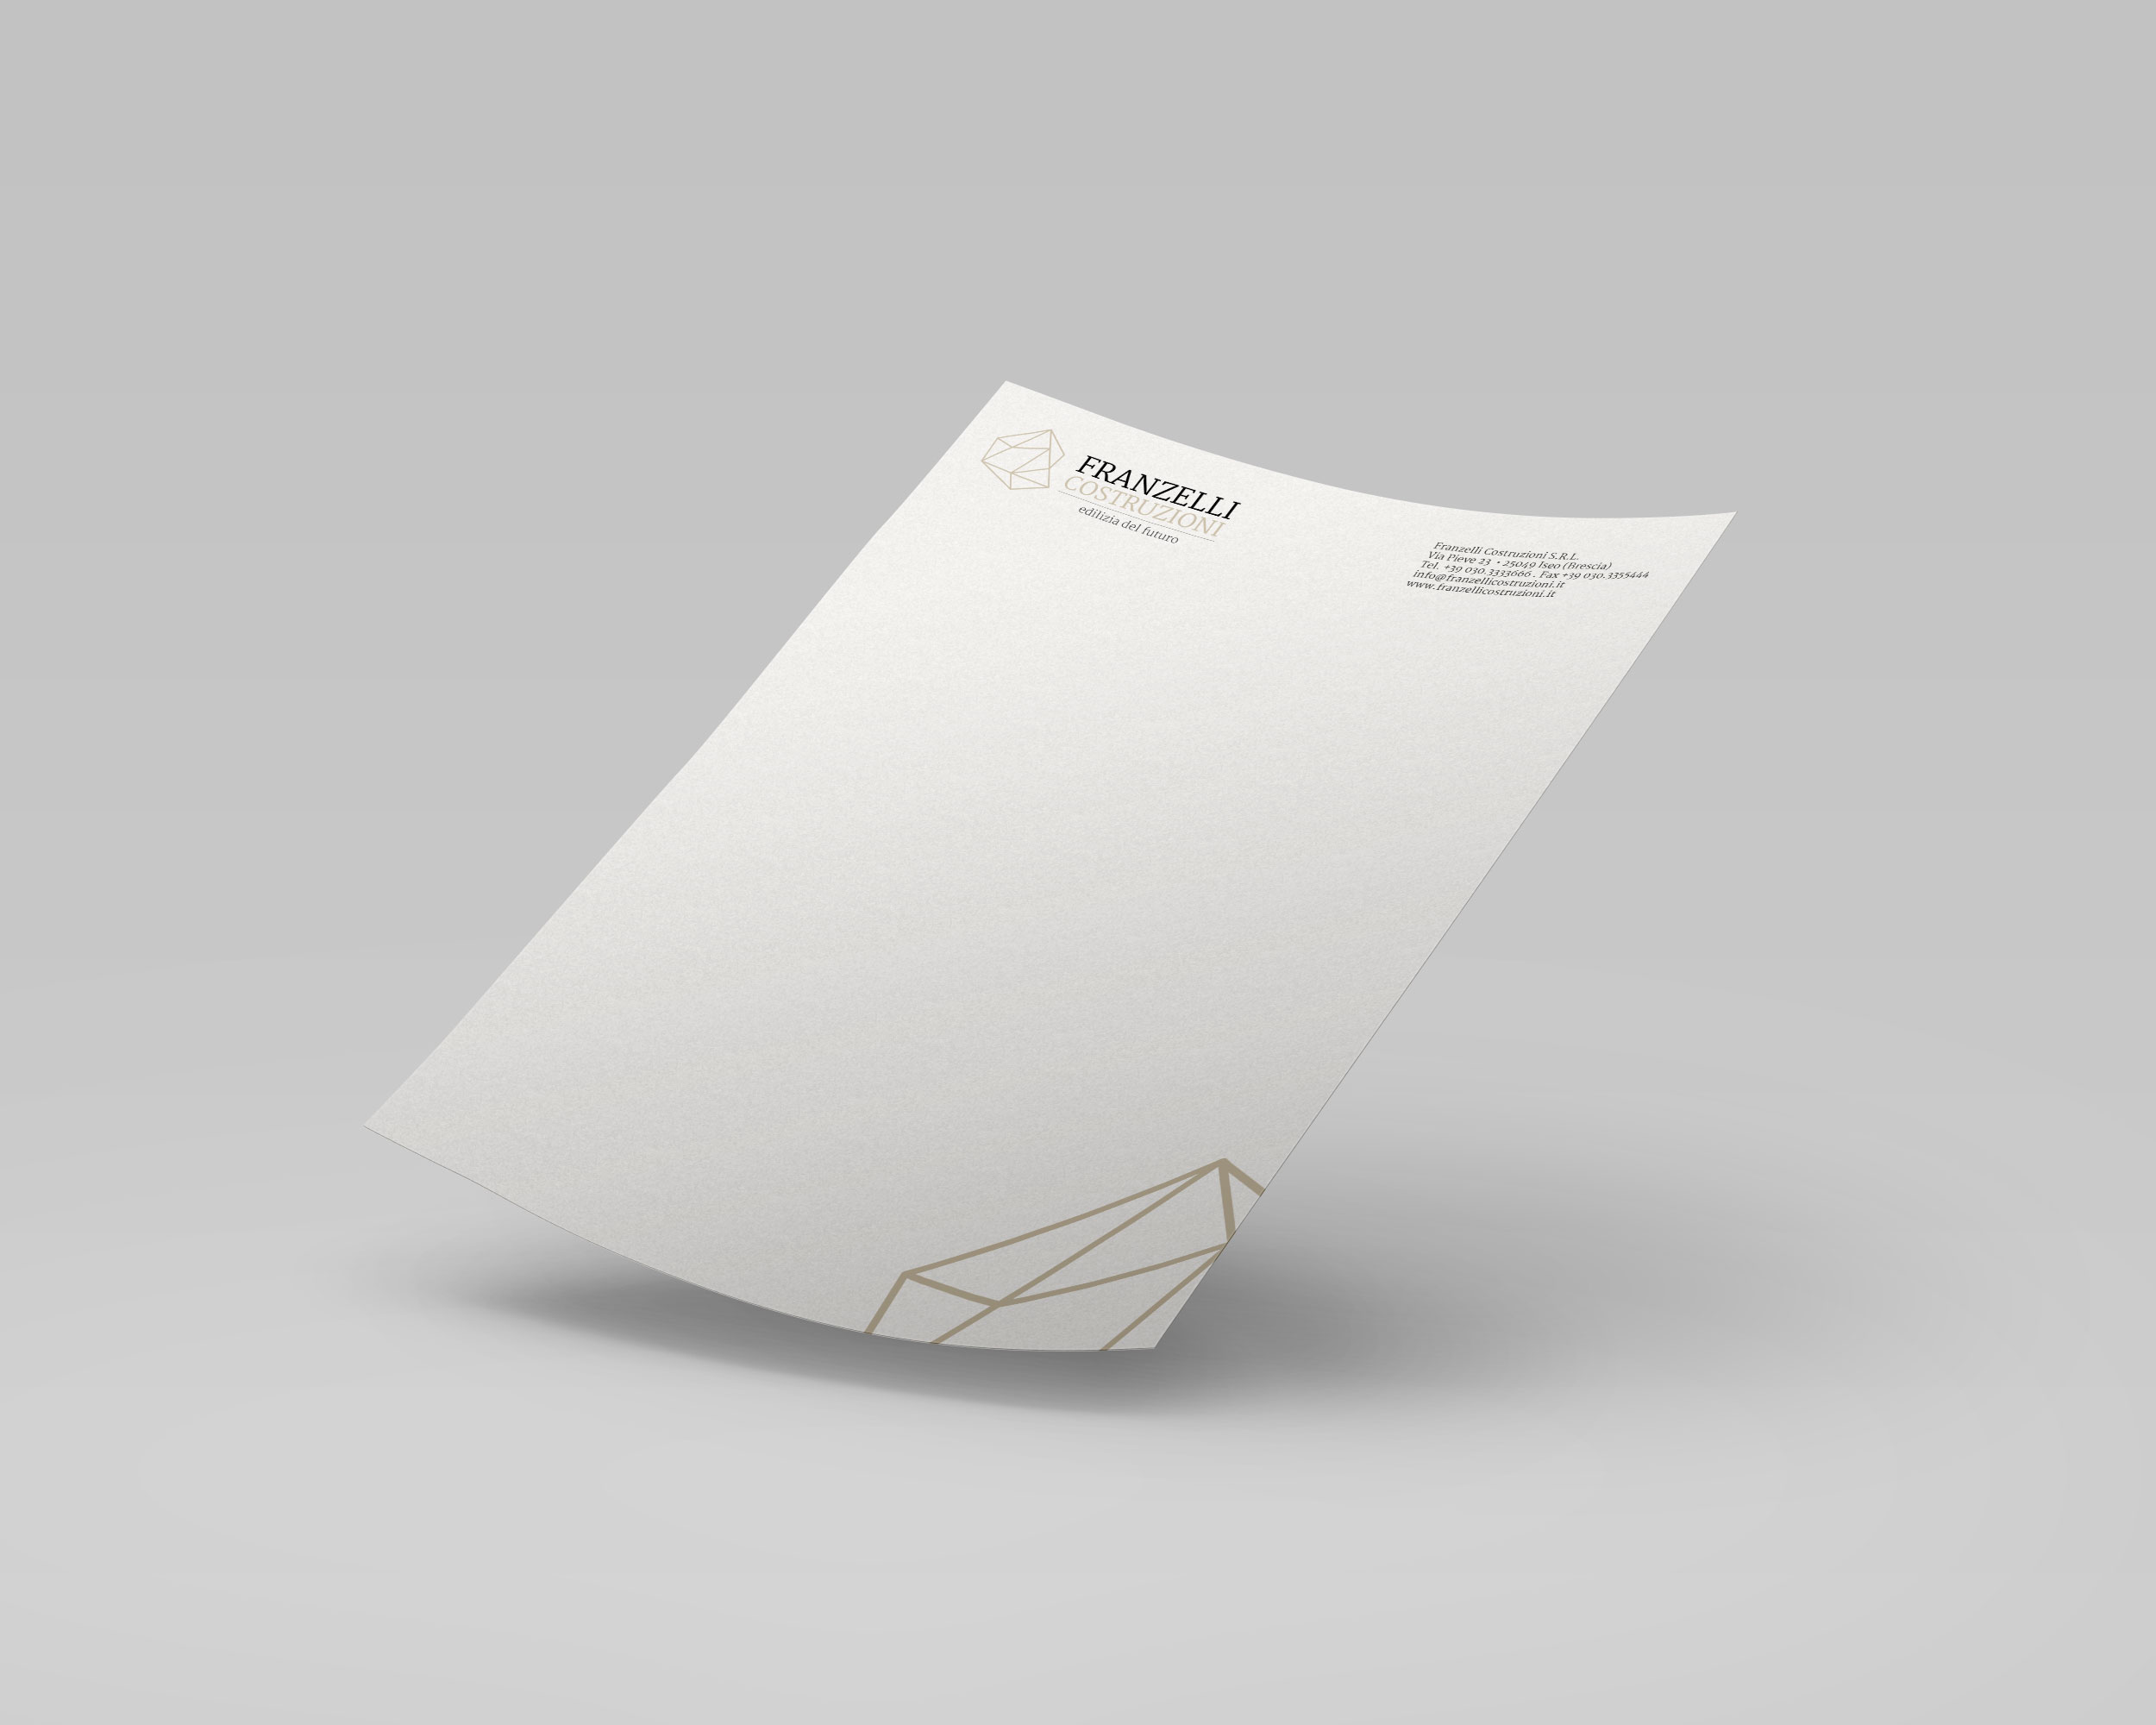 Franzelli Costruzioni - Carta Intestata - Creativamente Agenzia di Comunicazione a Brescia